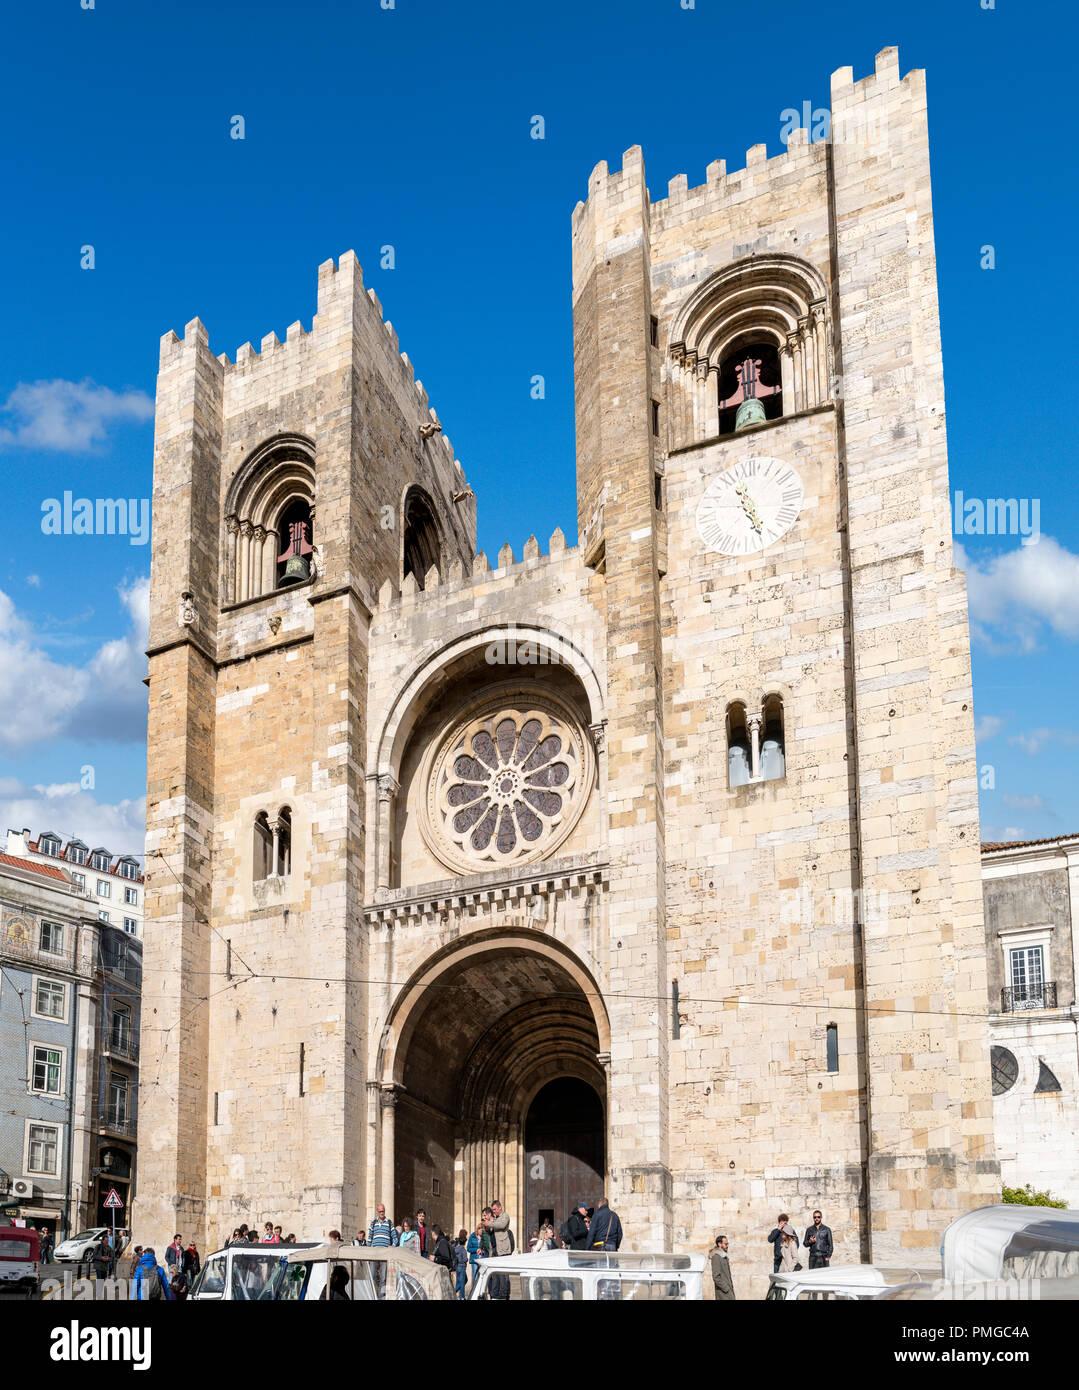 Lisbon Cathedral (Sé de Lisboa), Lisbon, Portugal - Stock Image